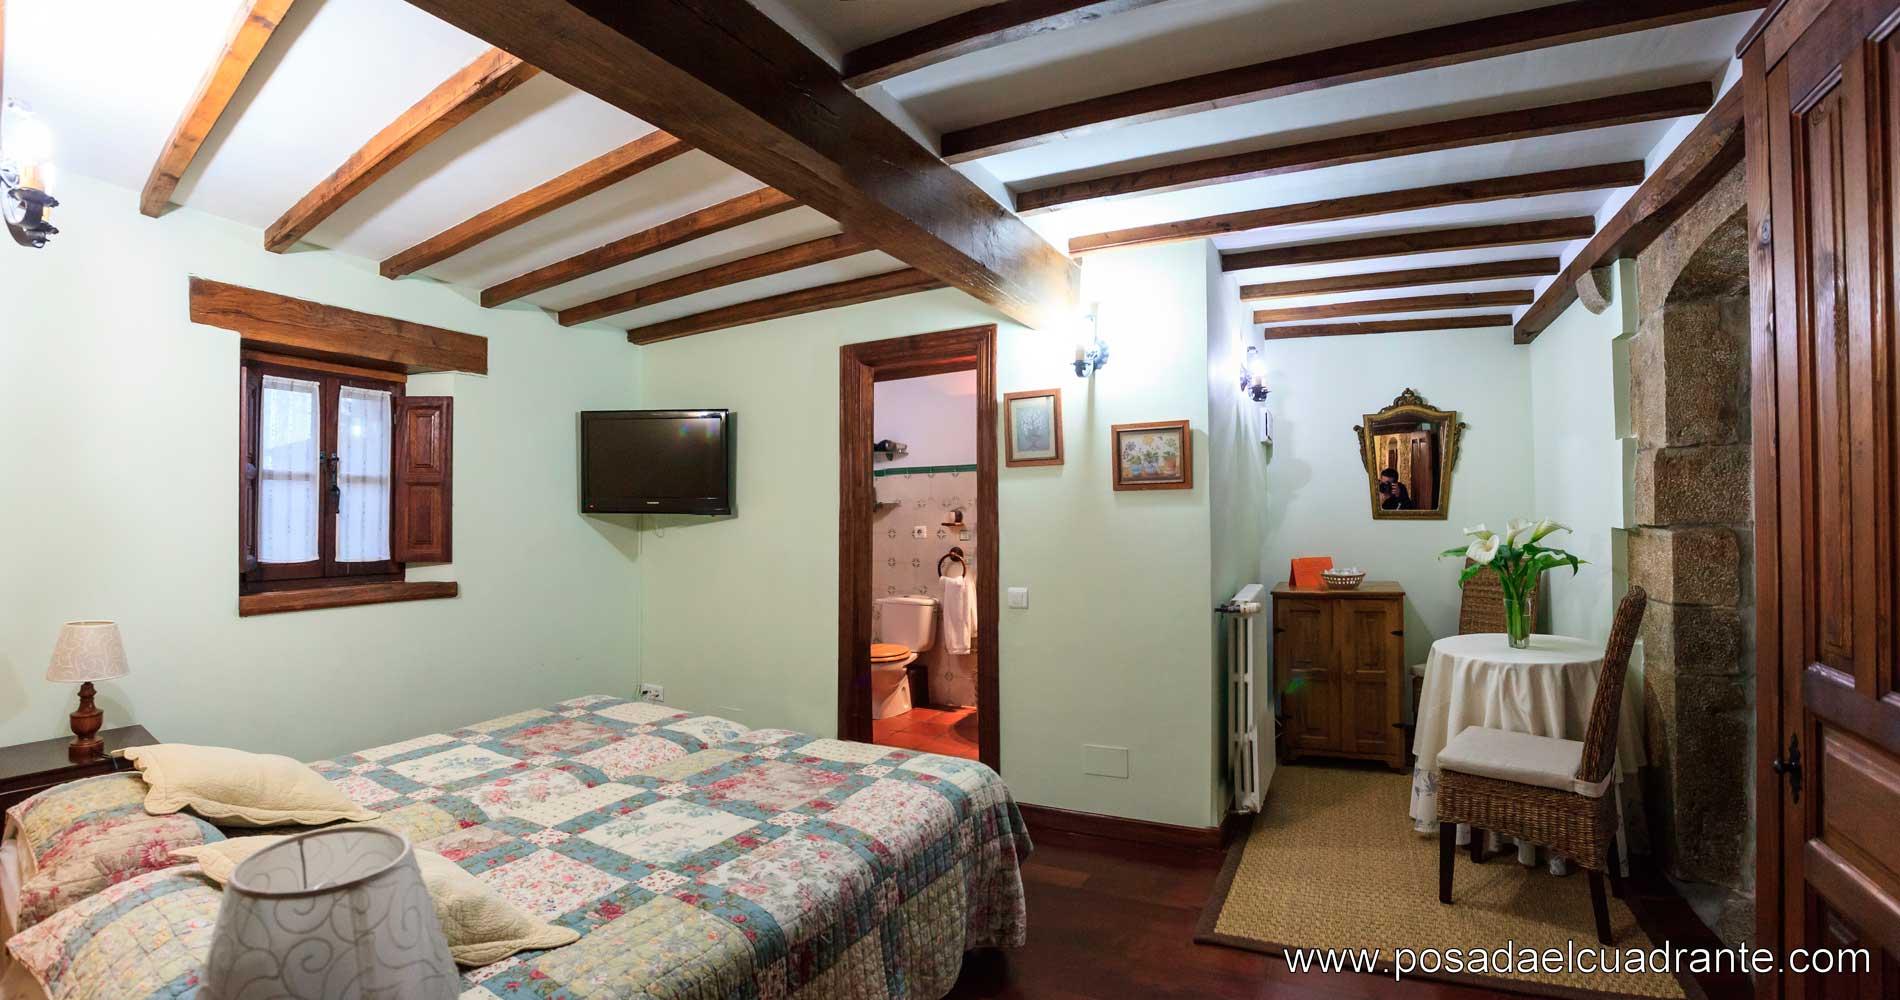 Habitaciones Familiares en Posada El Cuadrante